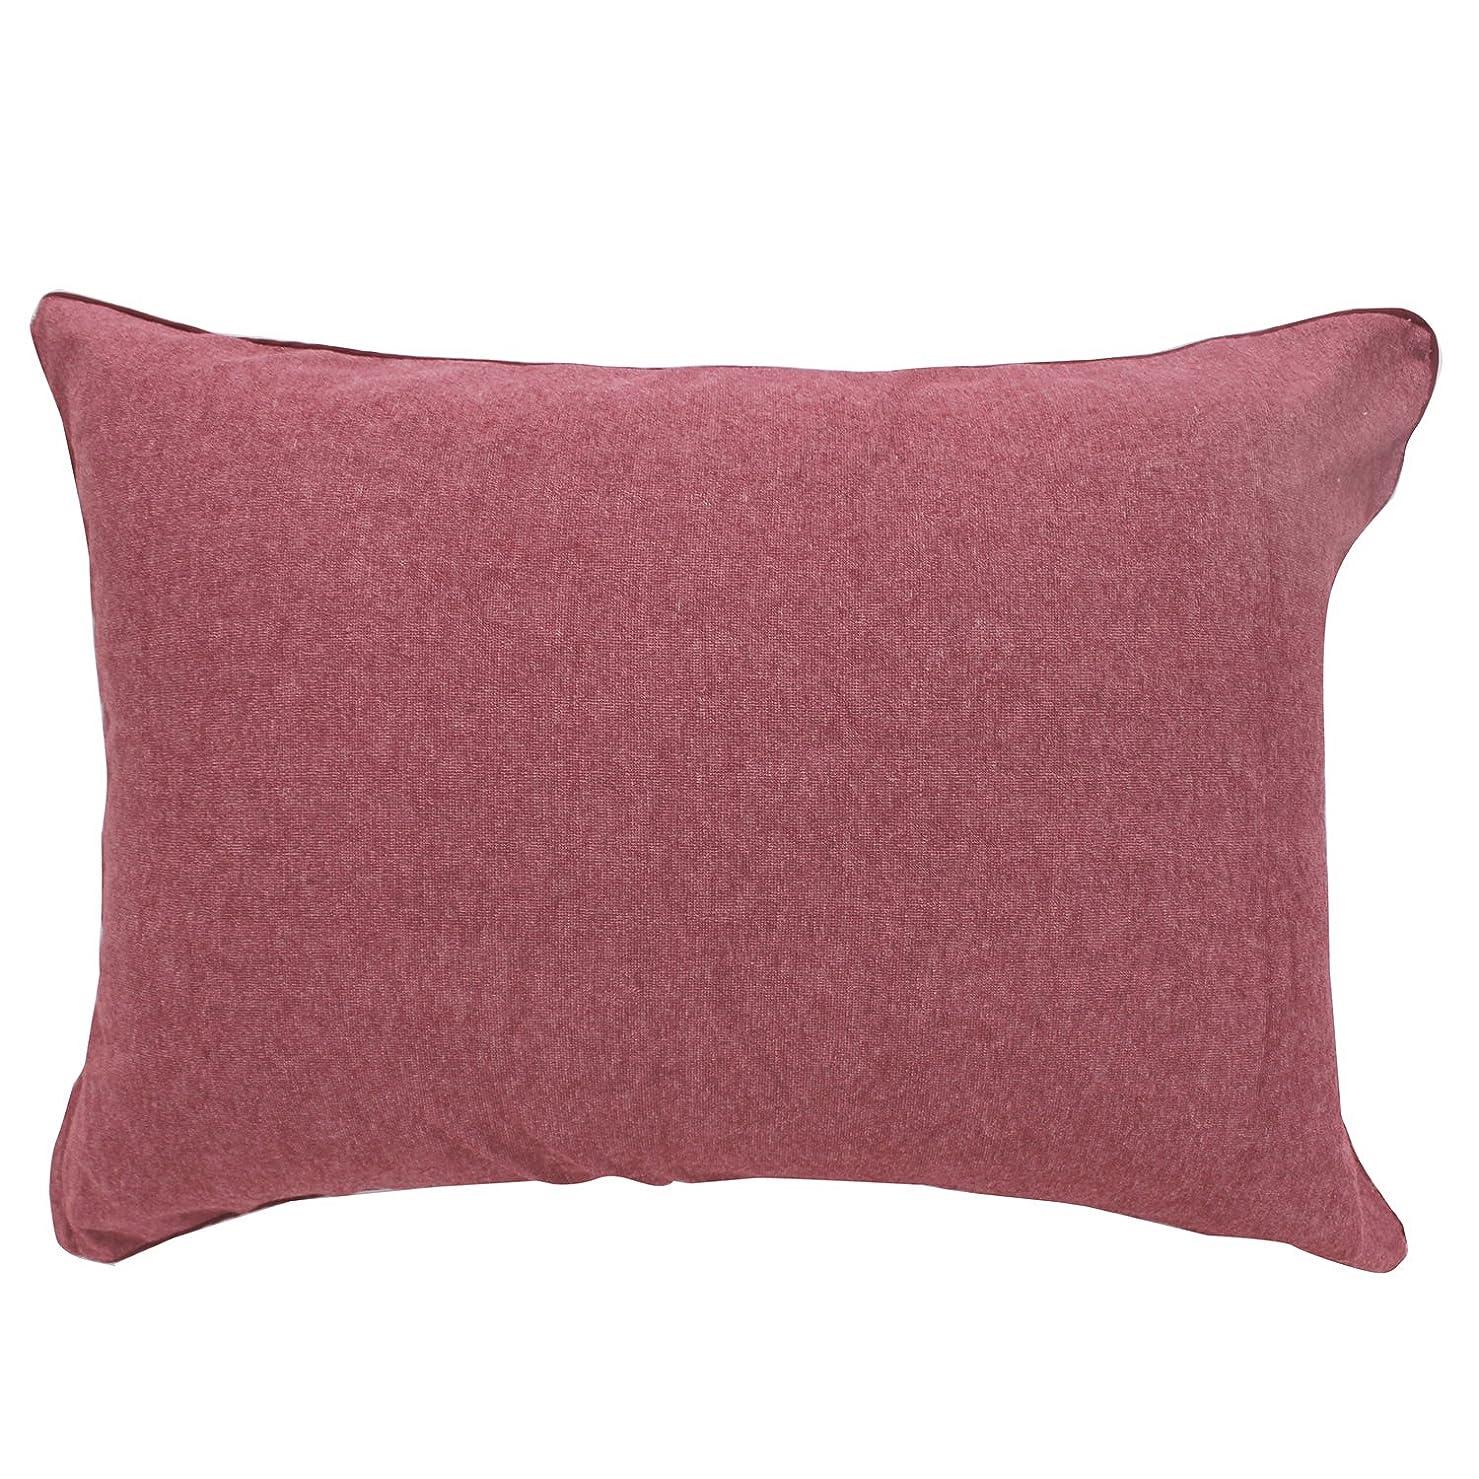 くそードラゴン本部メリーナイト(Merry Night) 抗菌防臭加工 パイル素材 枕カバー 35×50㎝ レッド NE3516-13